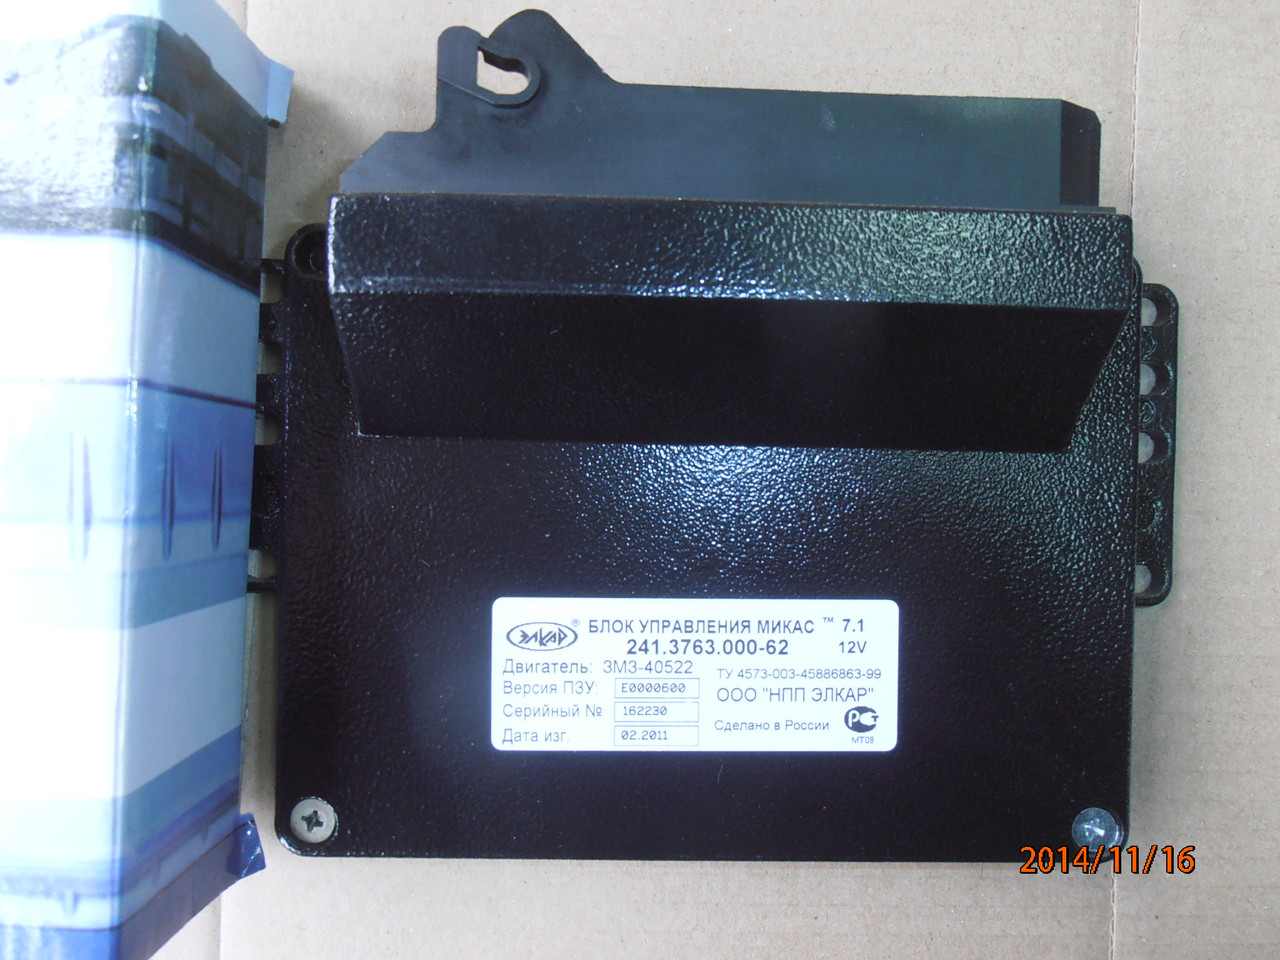 Блок управления двигателем МИКАС 7.1 241.3763-62